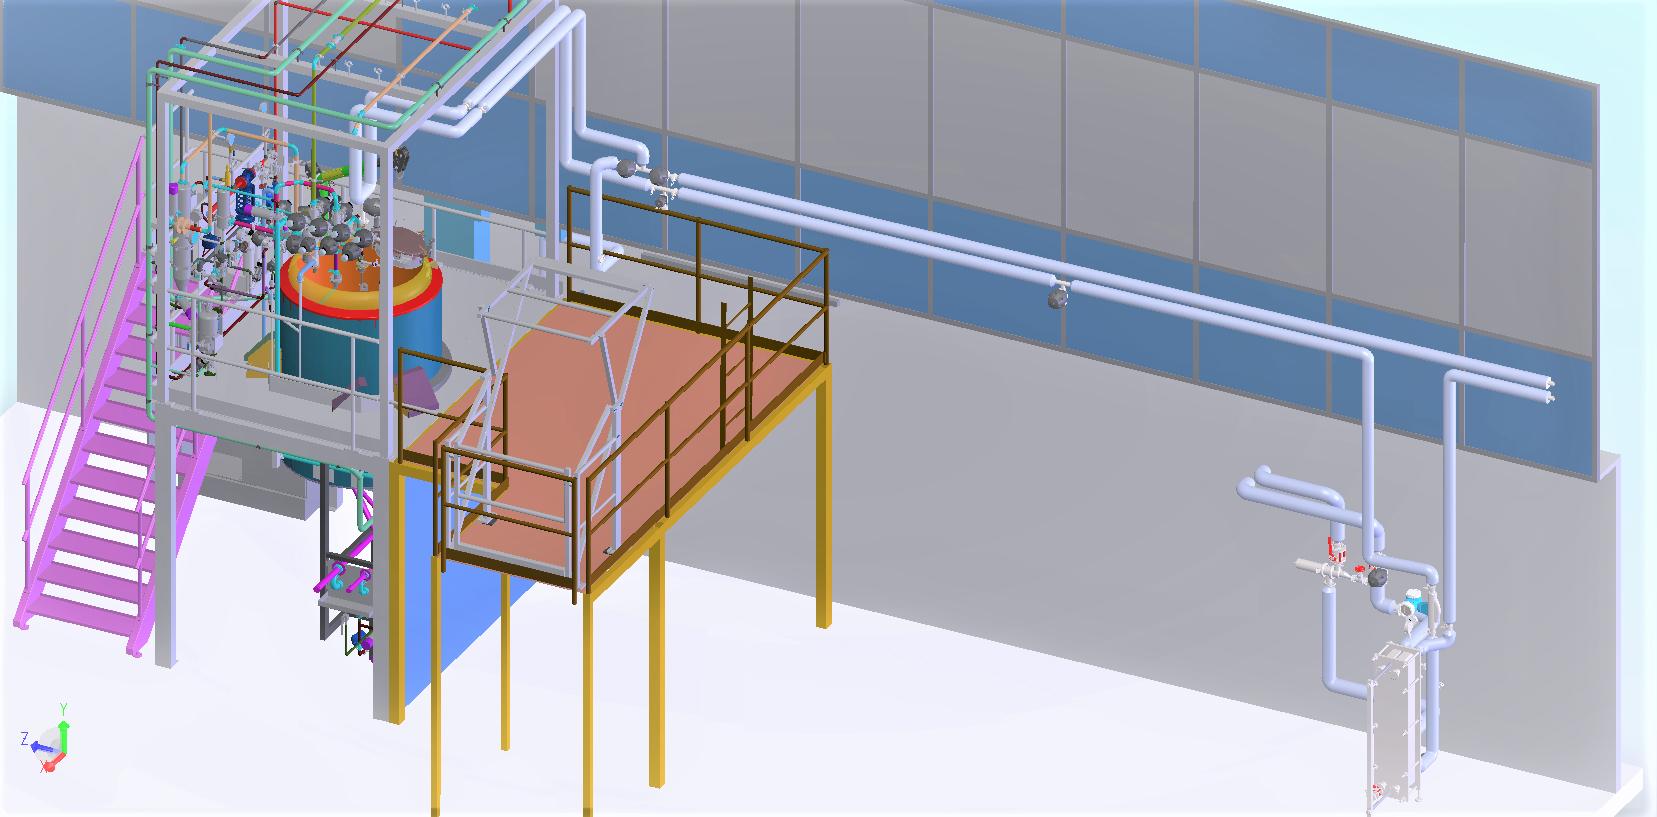 Modification boucle eau purifiée<br>Implantation/définition échangeur/dossier d'exé